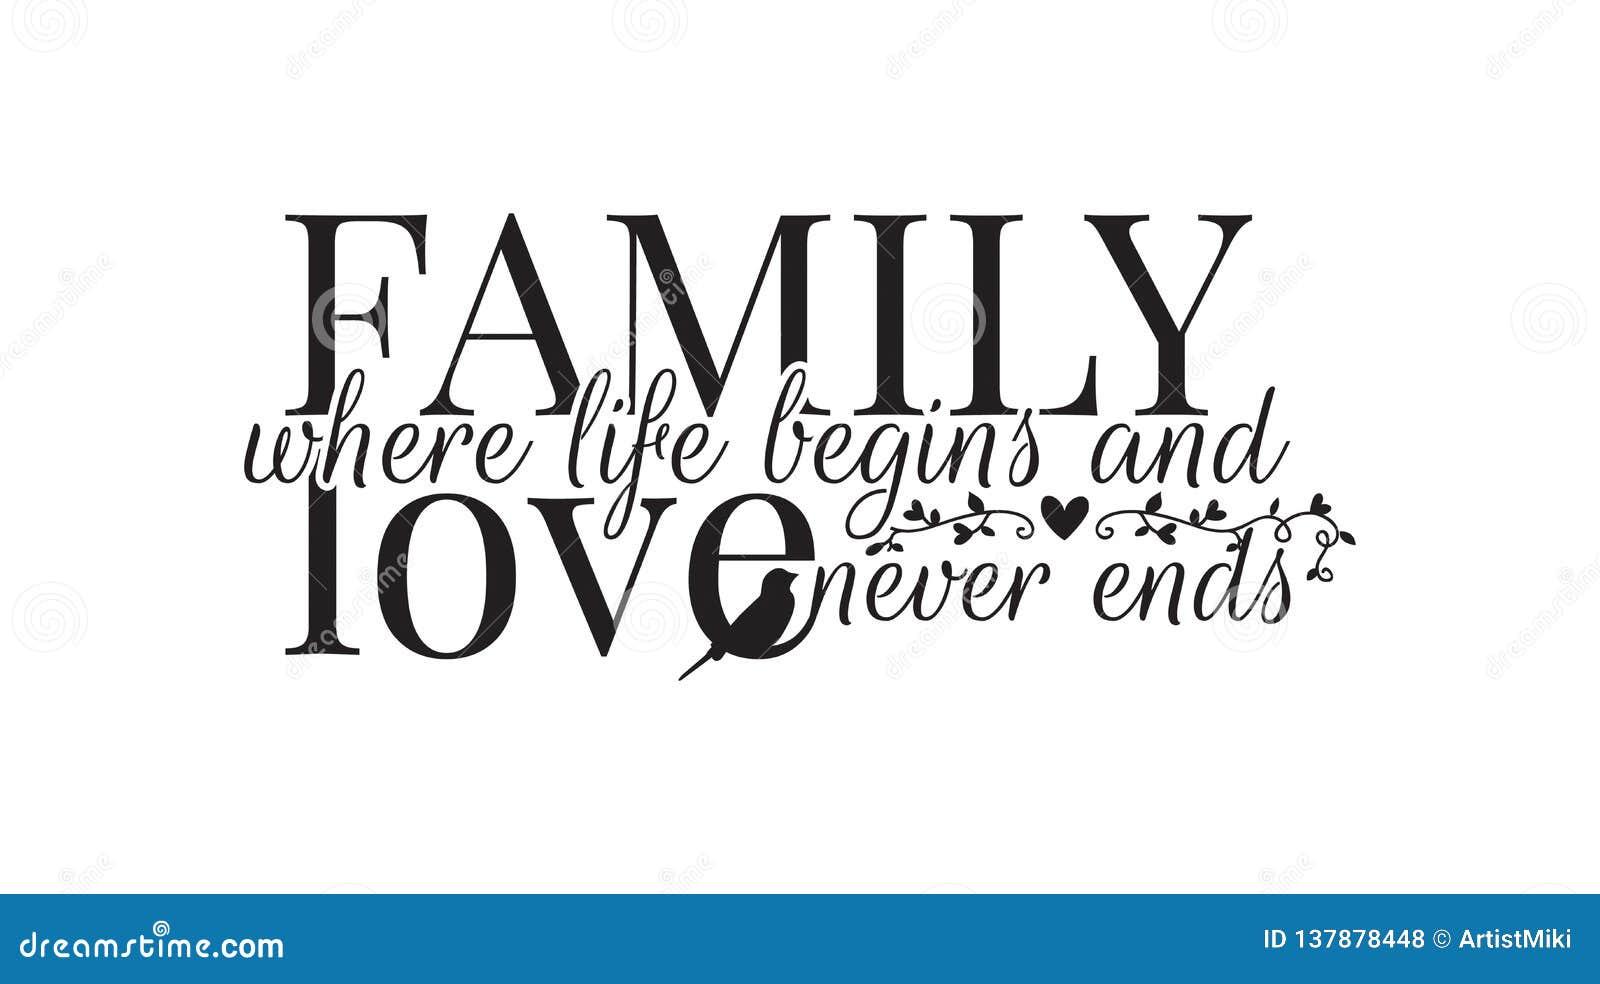 De familie waar het leven begint, en de liefde beëindigen nooit, Muuroverdrukplaatjes, Verwoordend Ontwerp